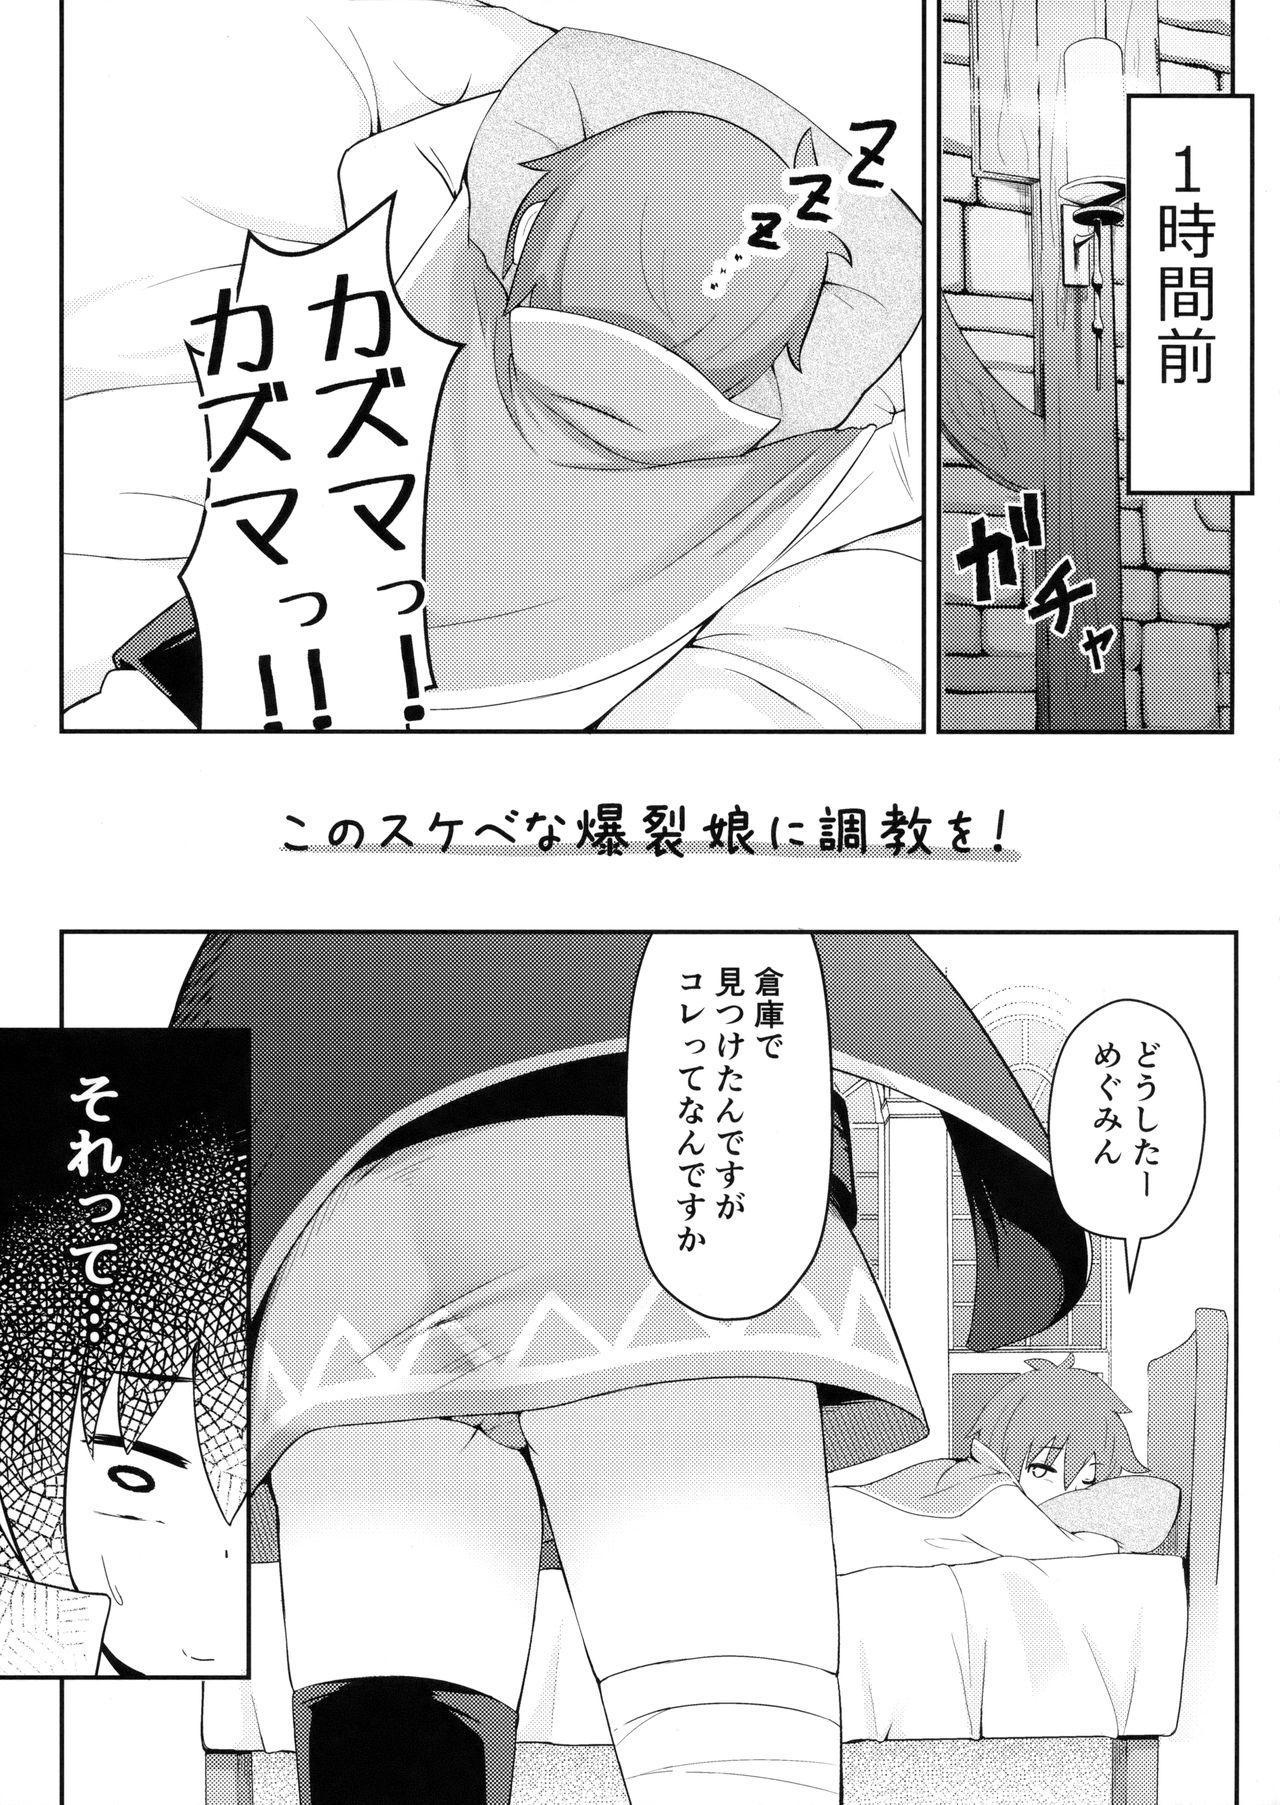 Kono Sukebe na Bakuretsu Musume ni Tyoukyou wo! 5